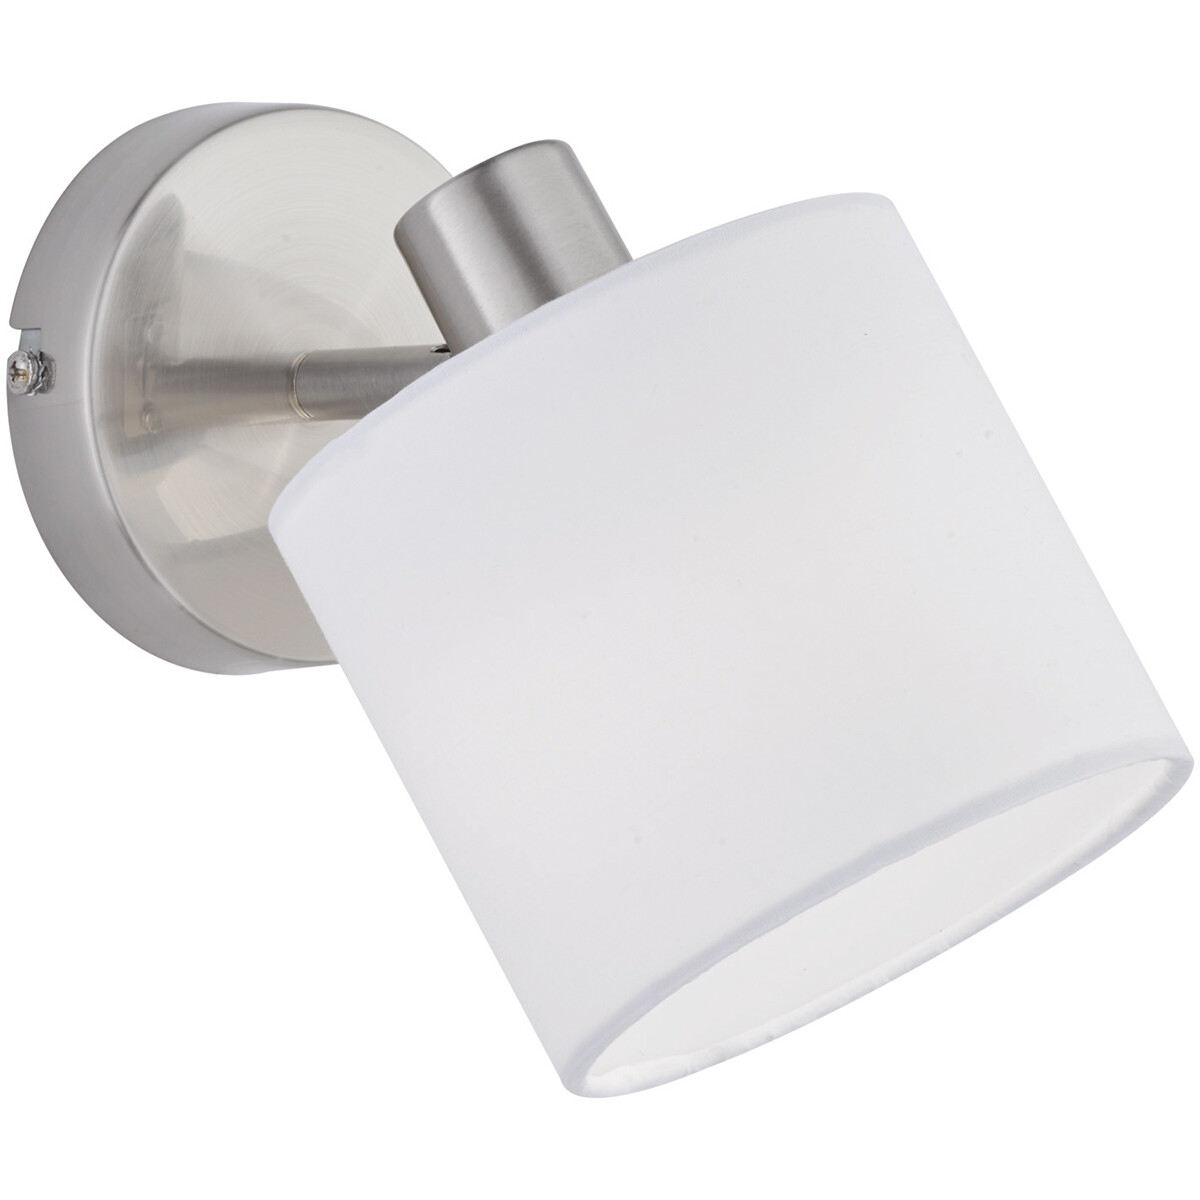 LED Wandspot - Trion Torry - E14 Fitting - Rond - Mat Nikkel - Aluminium